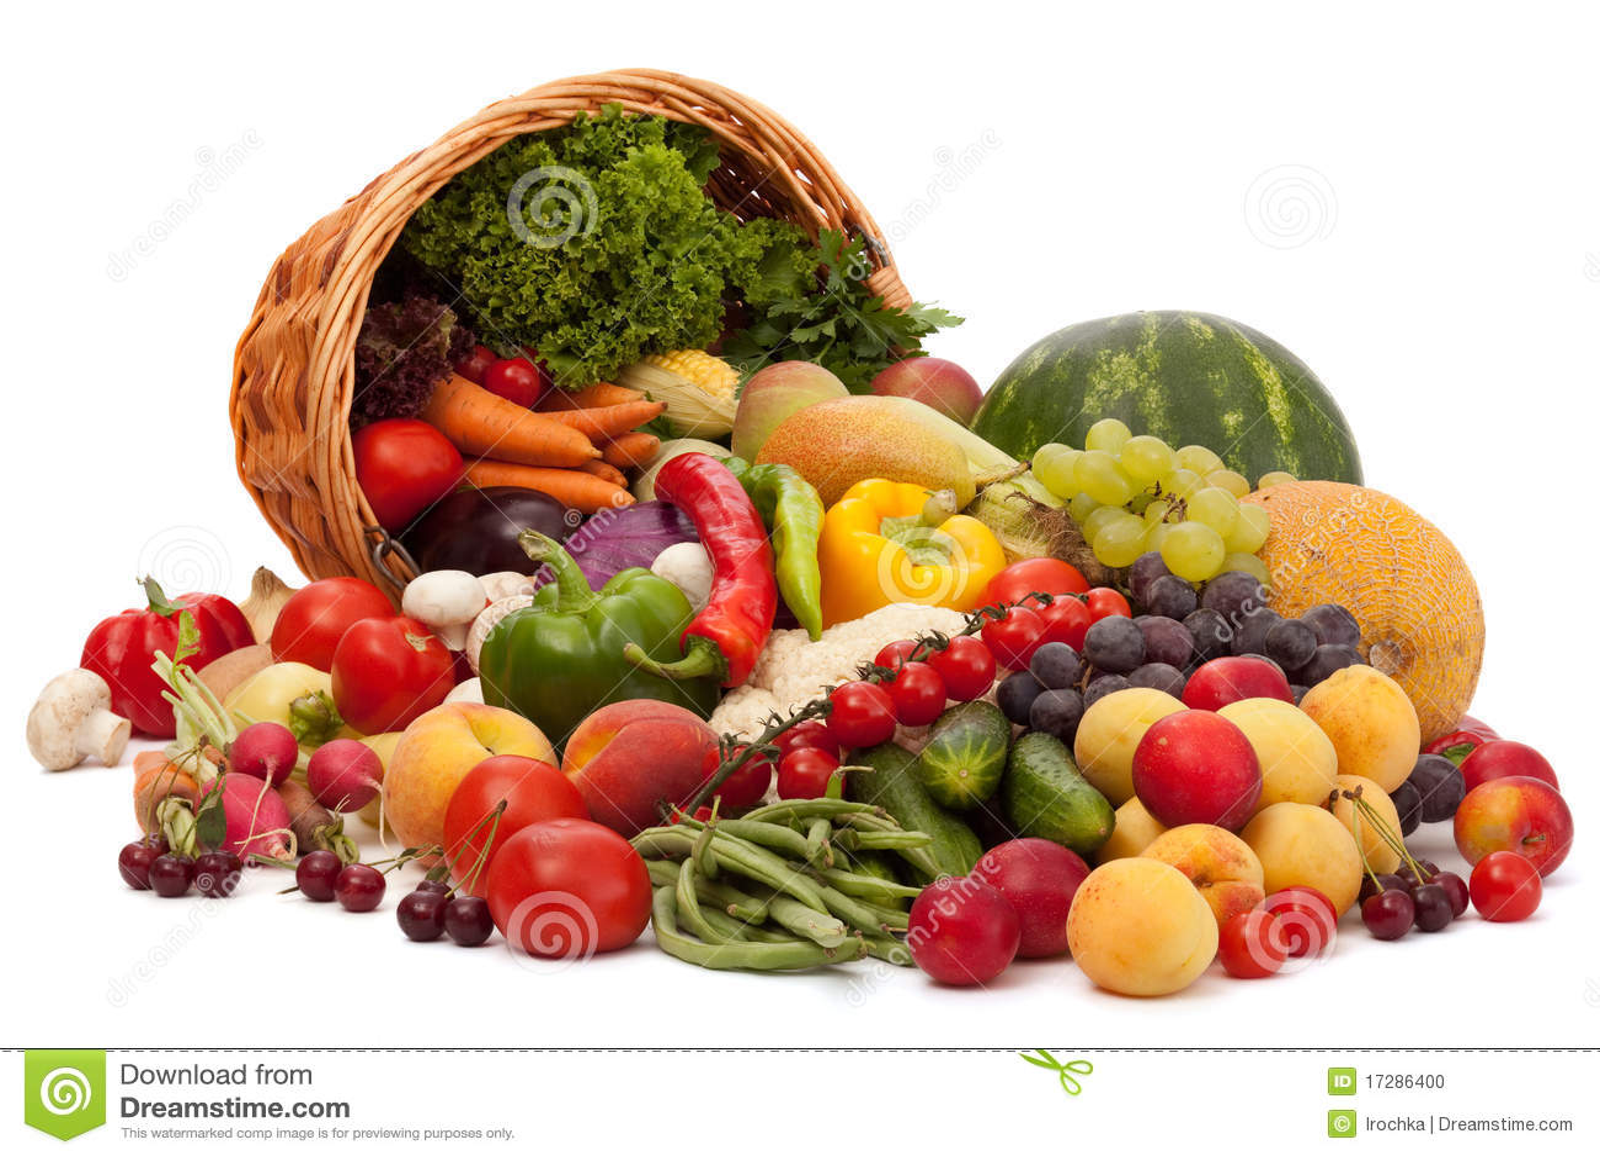 Assortiment de fruits et l gumes photo stock image 17286400 - Fruits et legumes de a a z ...